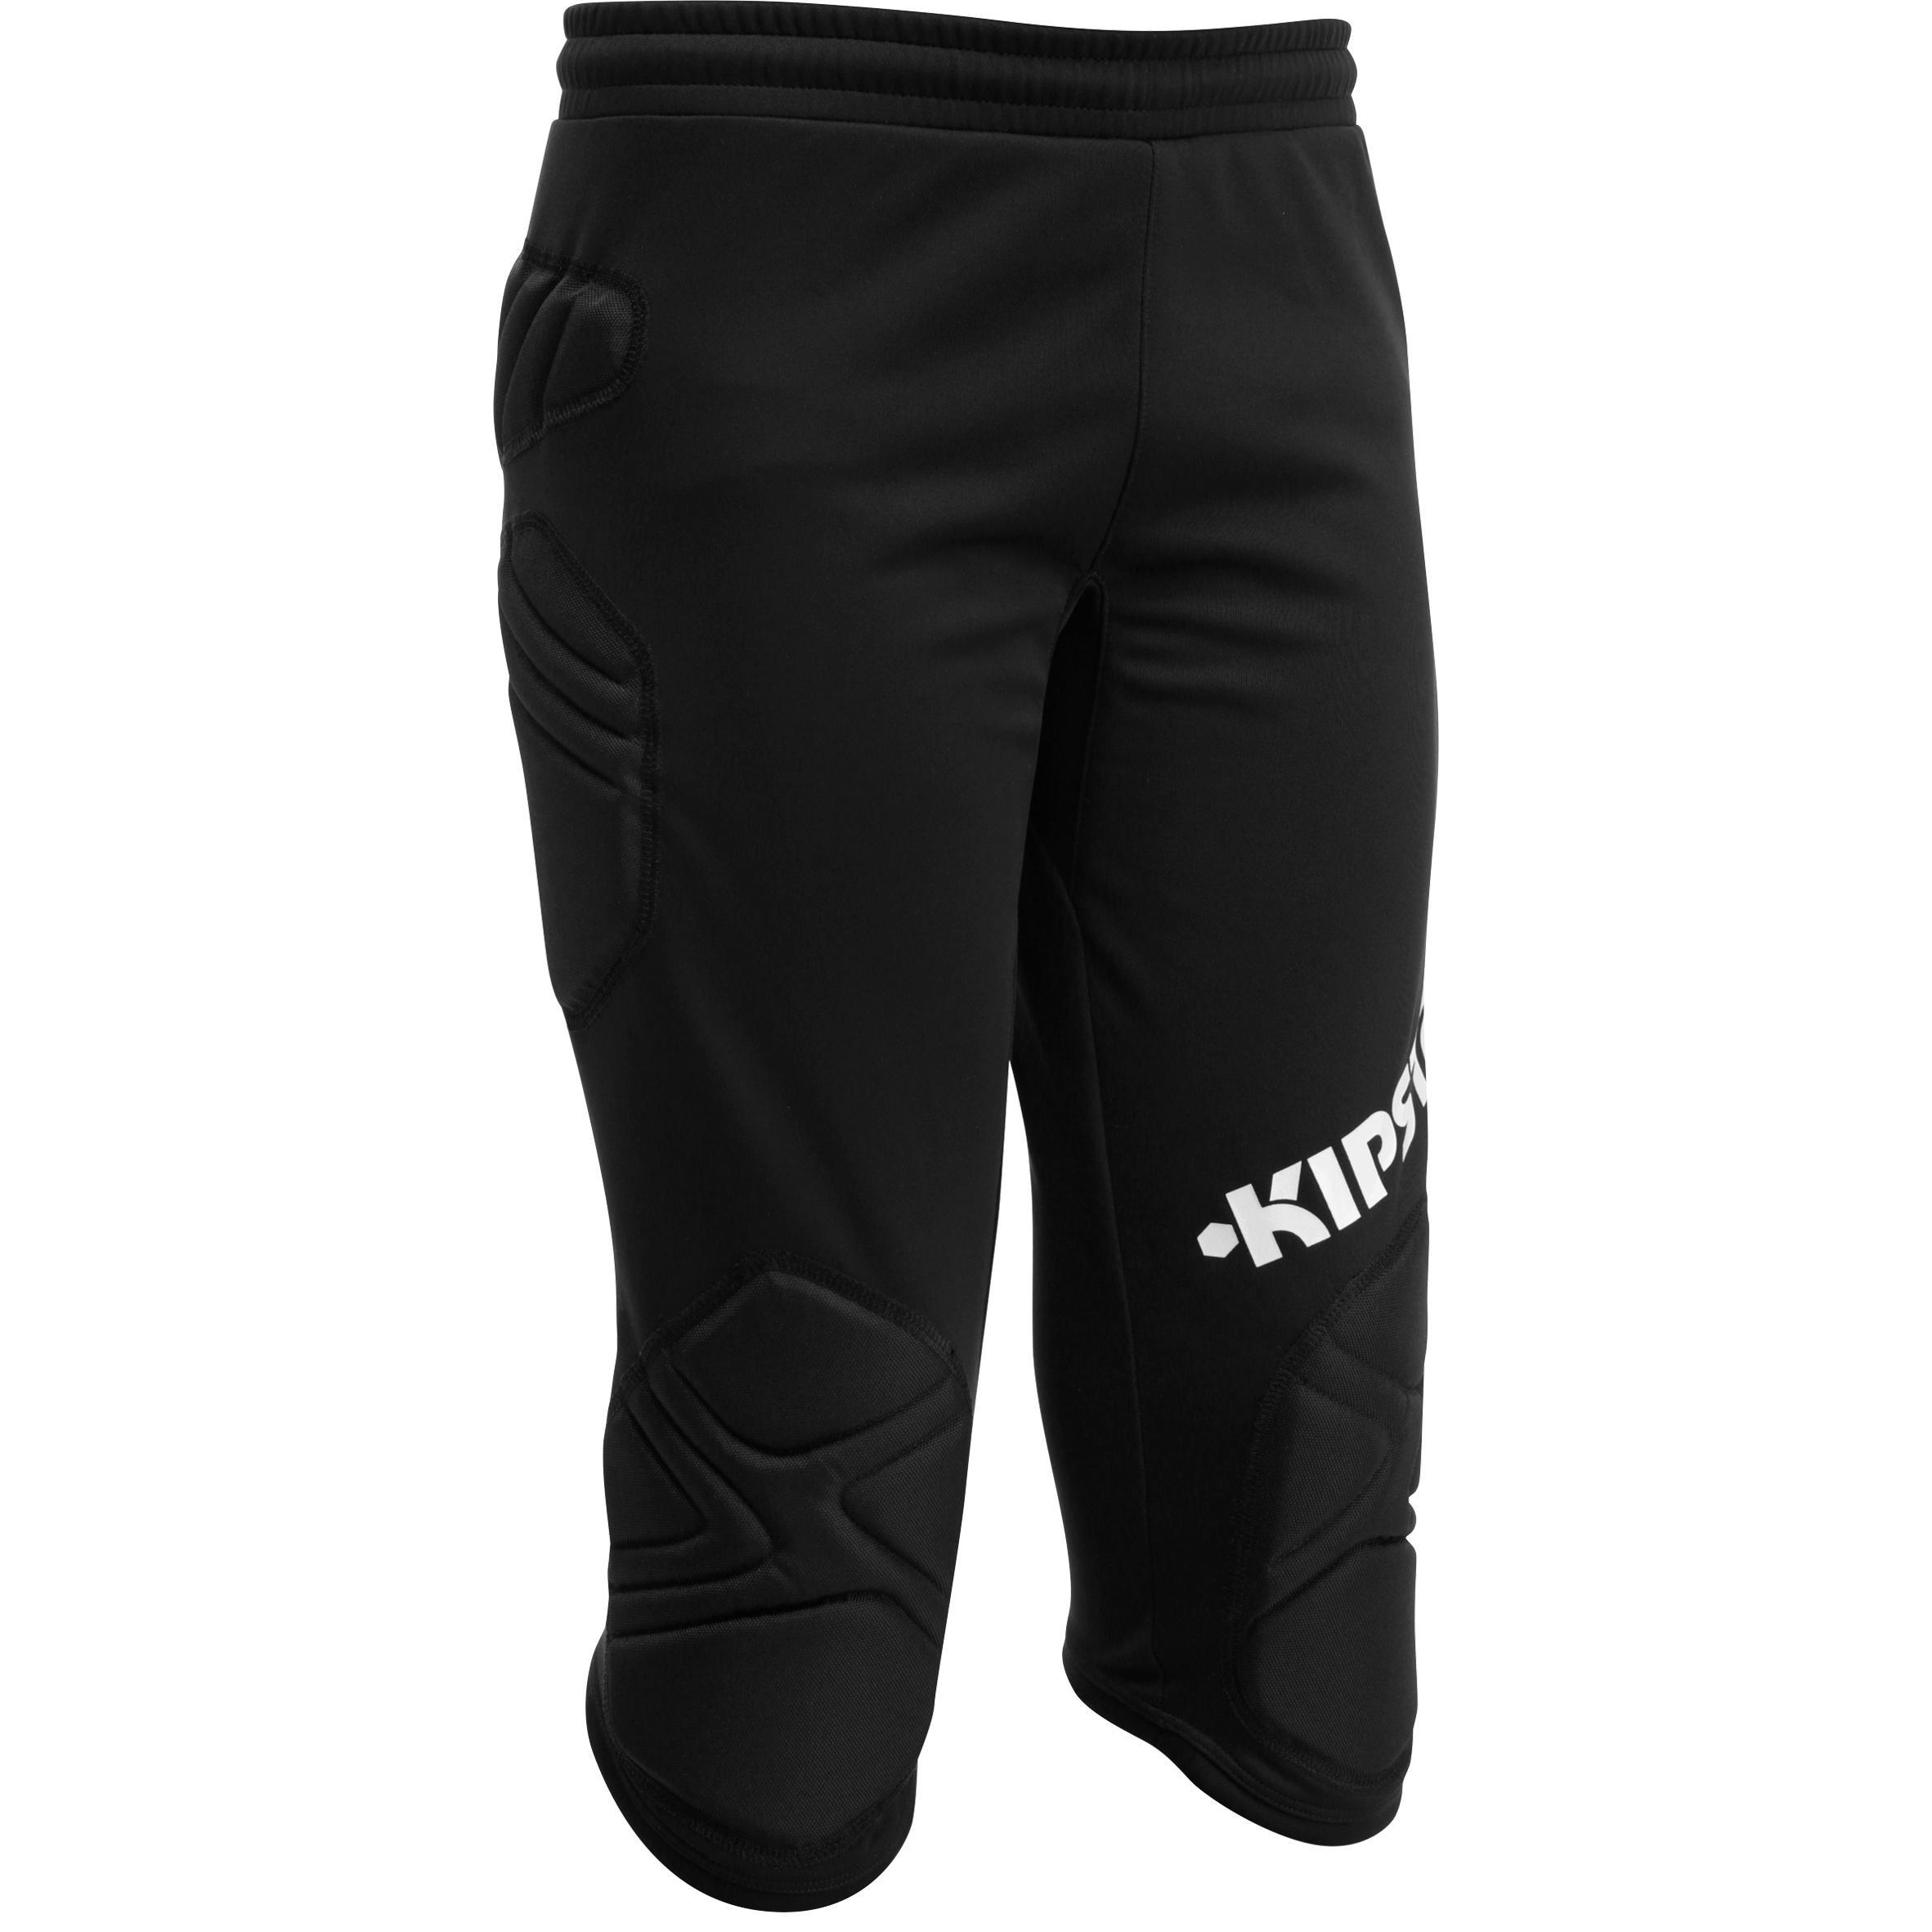 Pantalón pirata de portero de fútbol para niños F300 negro